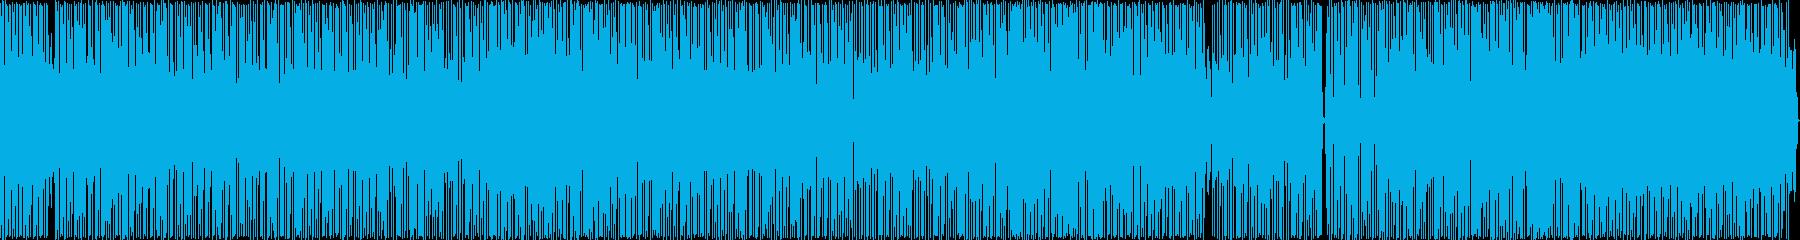 レゲエ風のヒップホップの再生済みの波形